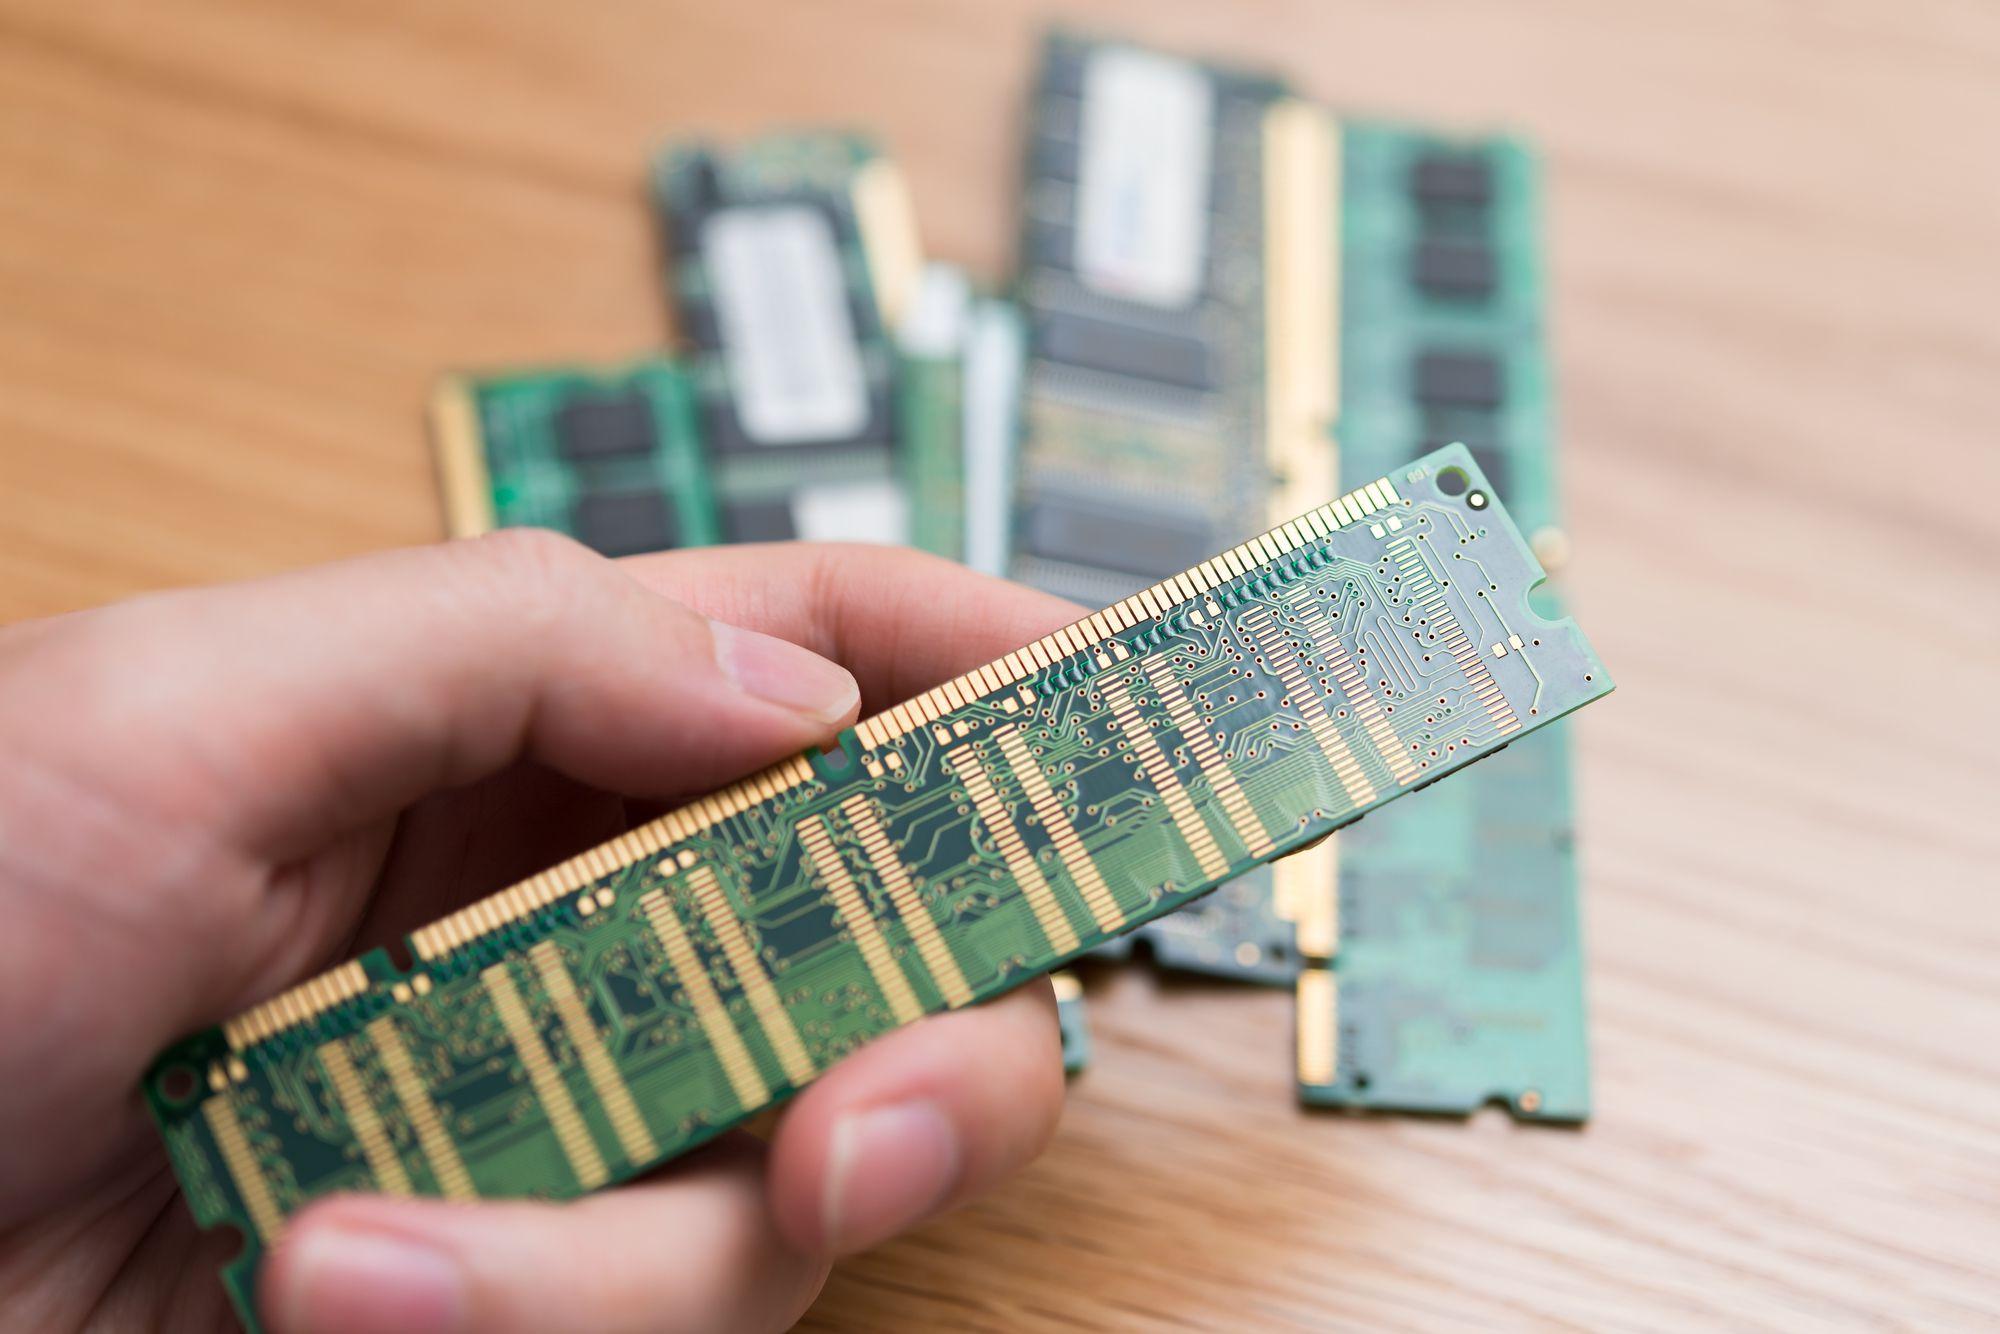 9.パソコンのメモリ不足の原因と解消方法(Windows10)_22769452_M_compressed